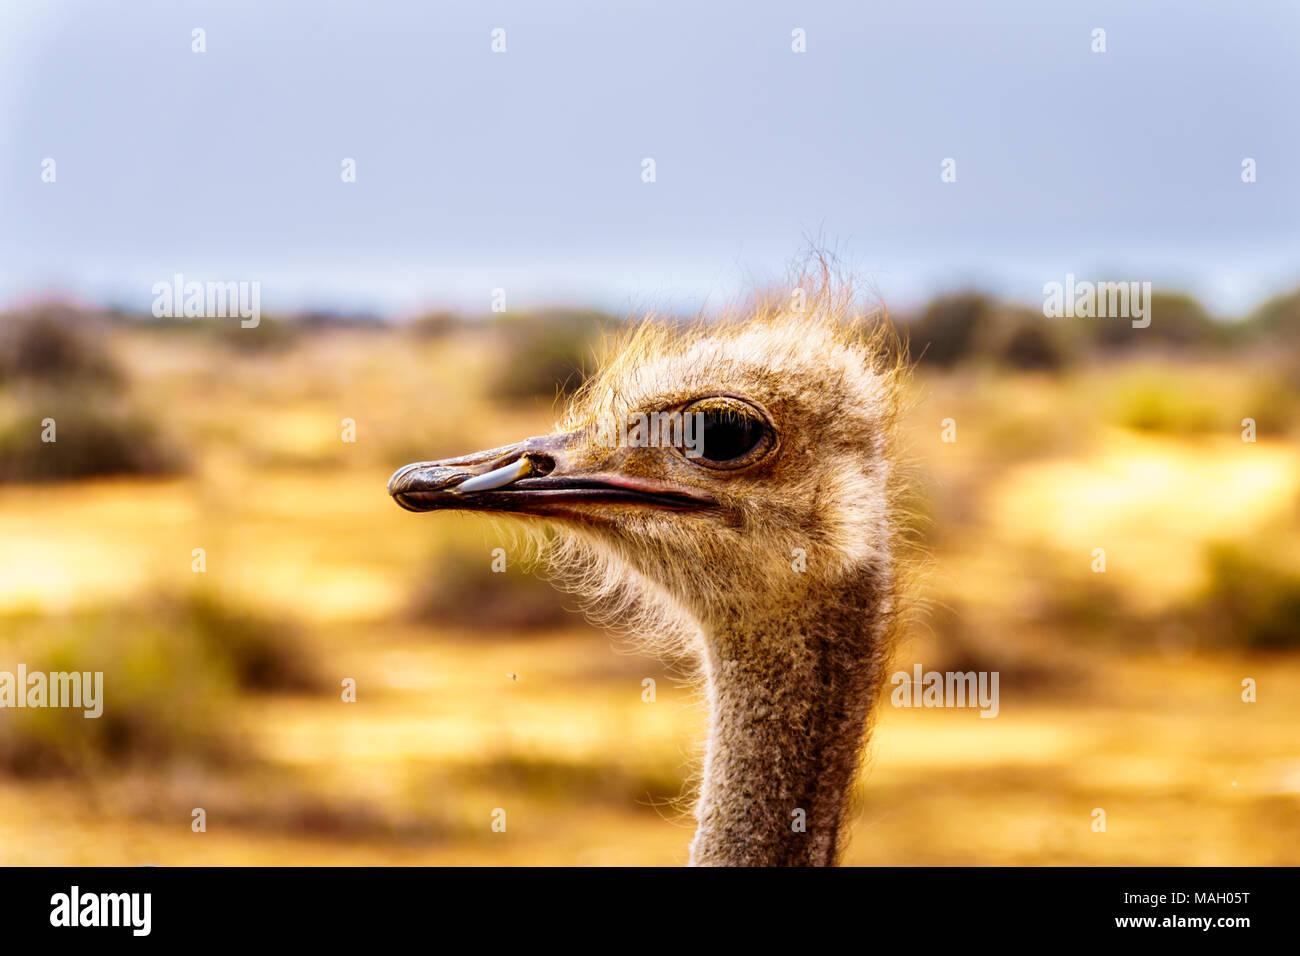 Cerca de una cabeza de avestruz en una granja de avestruces en Oudtshoorn en el semi desierto poco Karoo, Región, Provincia del Cabo Occidental de Sudáfrica Foto de stock